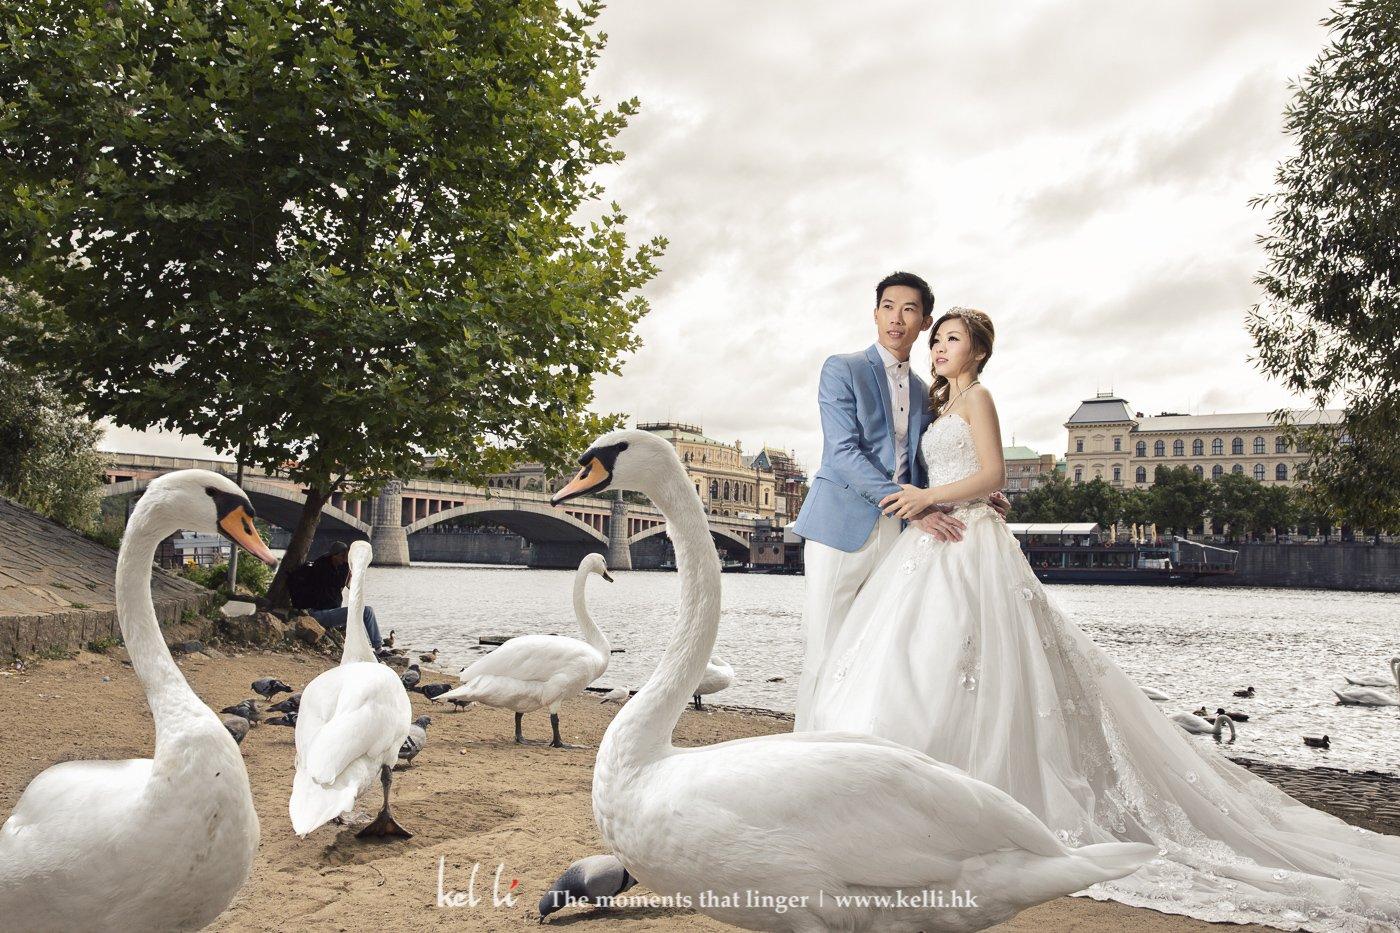 天鹅与新人是绝佳配搭,更有富有童话故事,这可算是布拉格拍婚纱照的一个特别景点